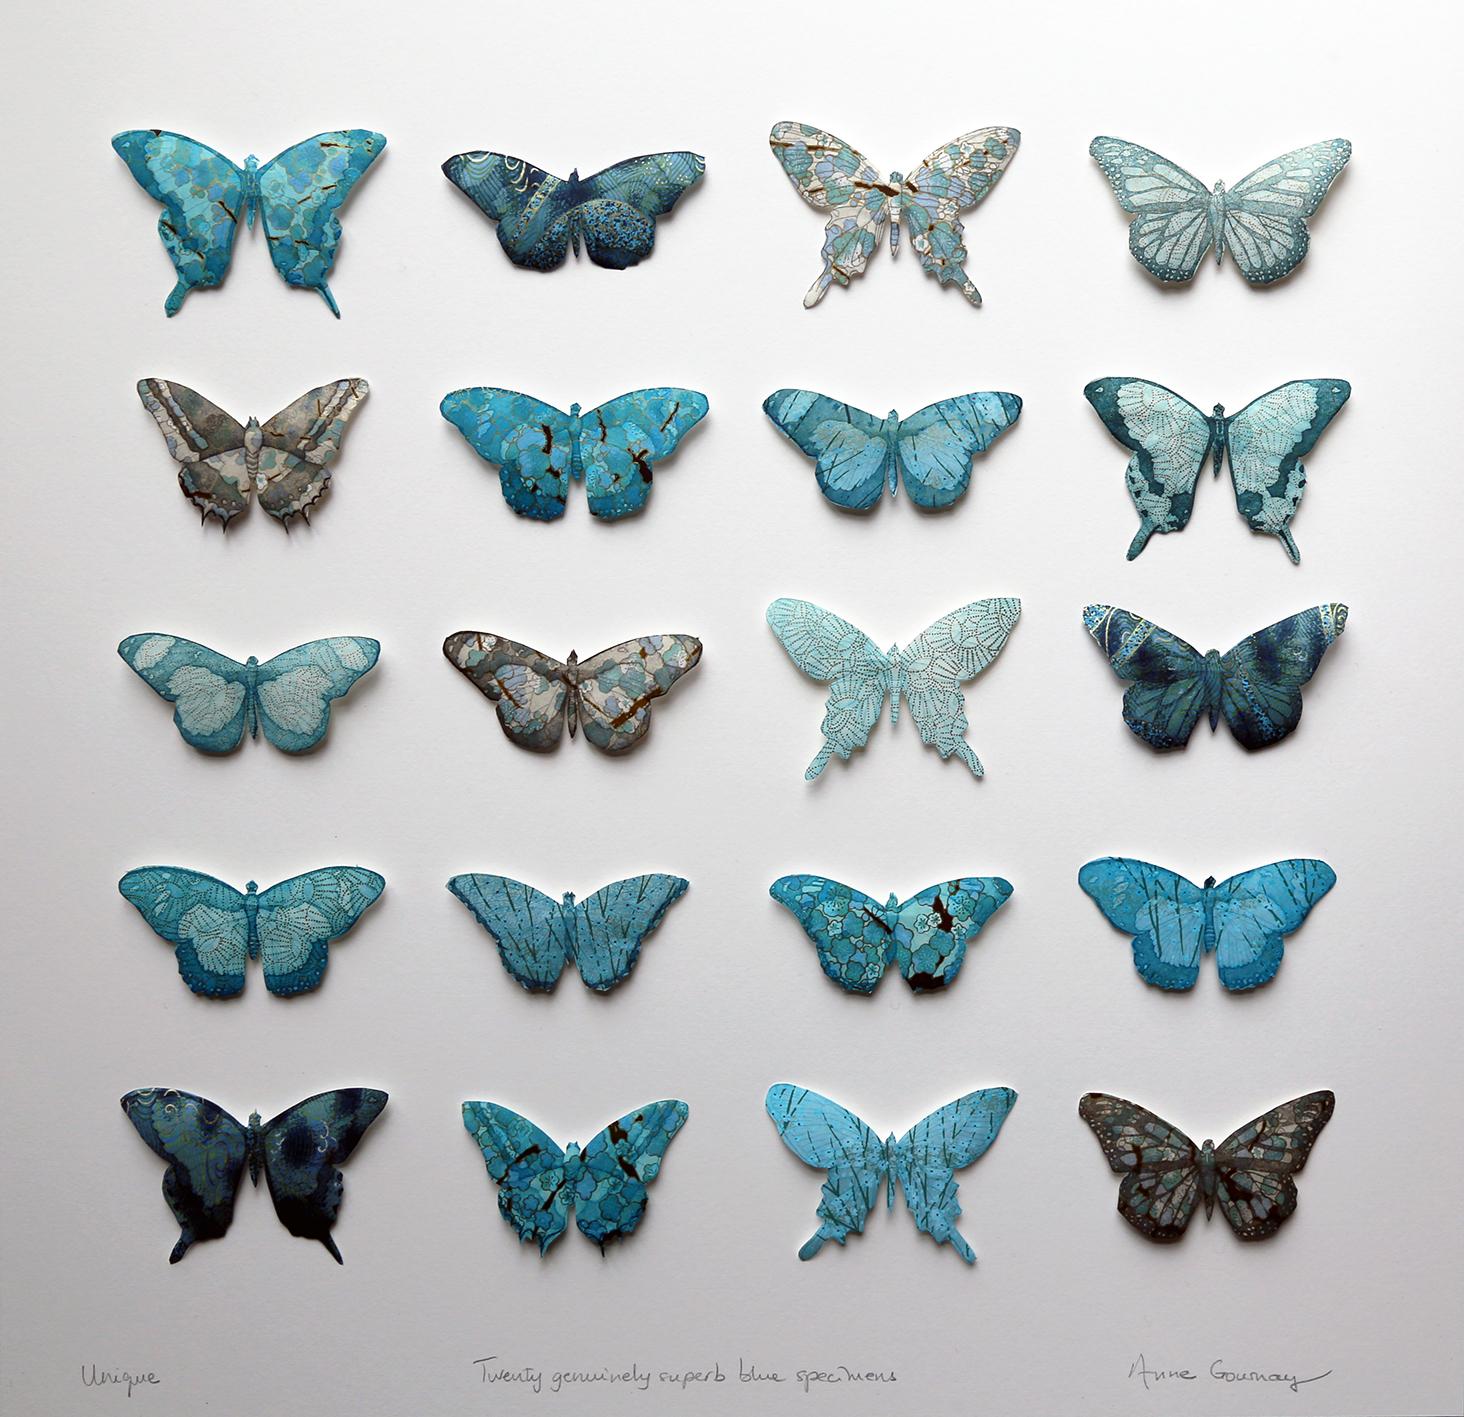 Twenty genuinely superb blue specimens III FRAMED